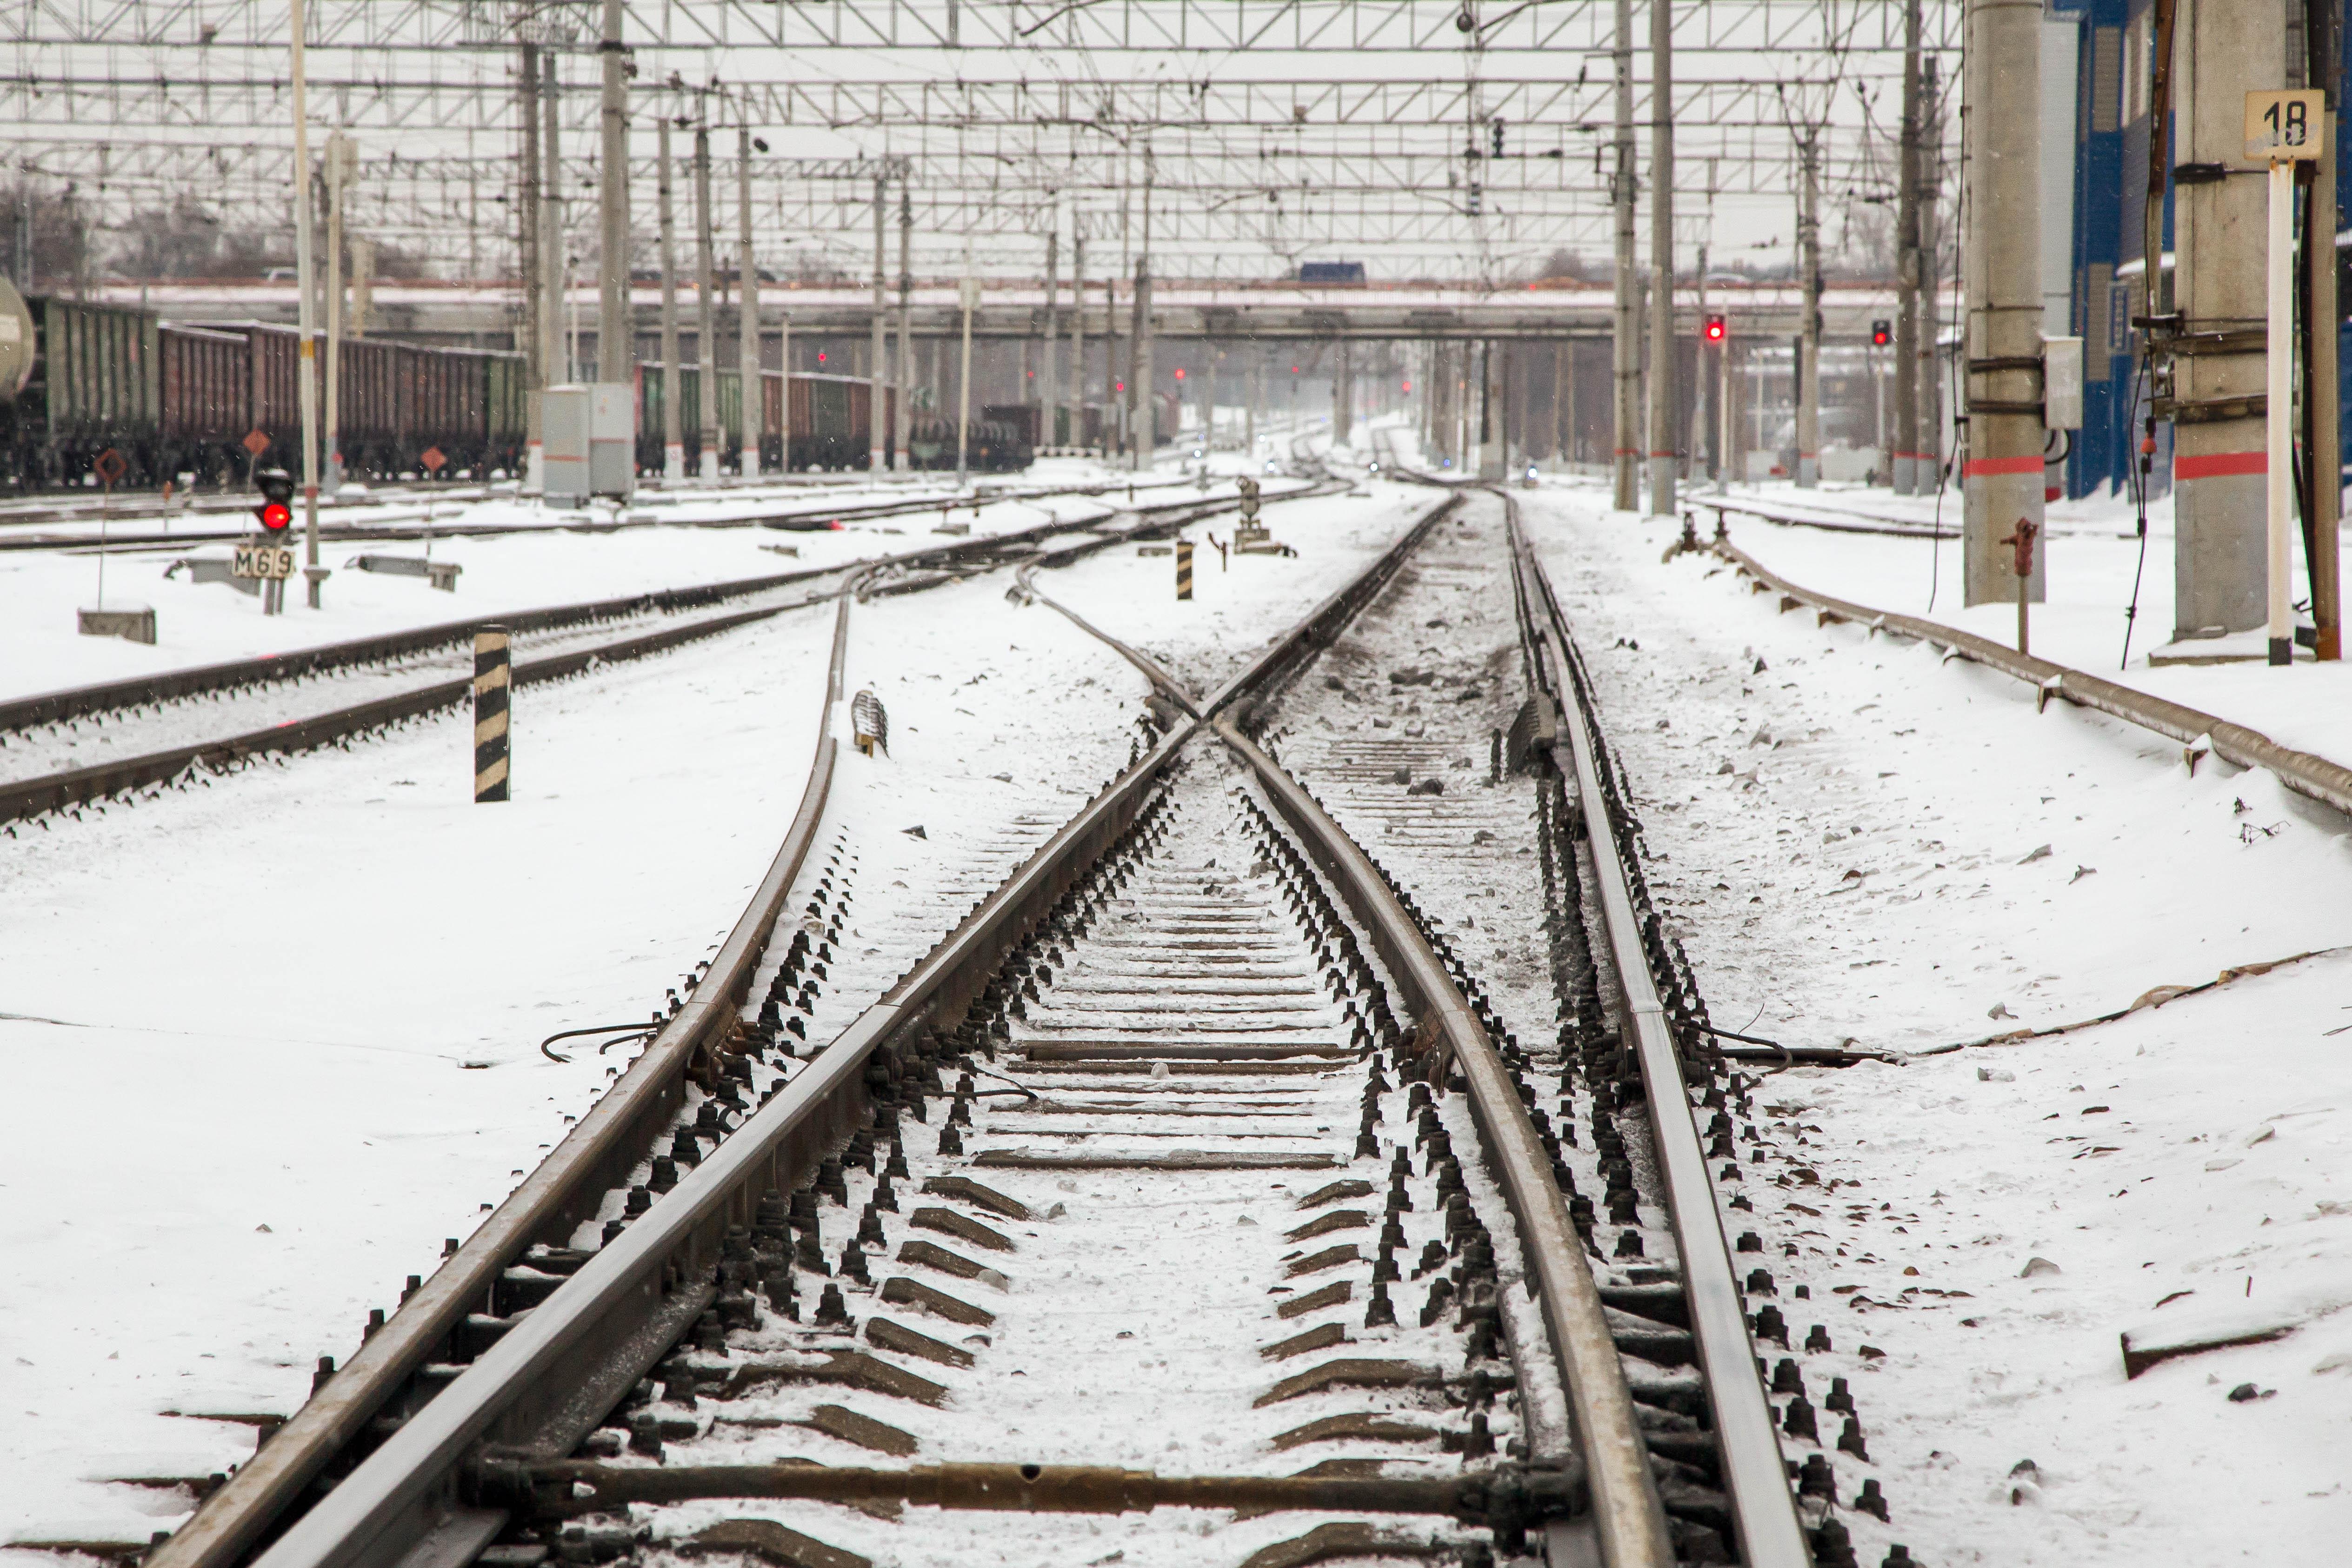 Берлин: Через Минск начинает курсировать новый высокоскоростной поезд Москва